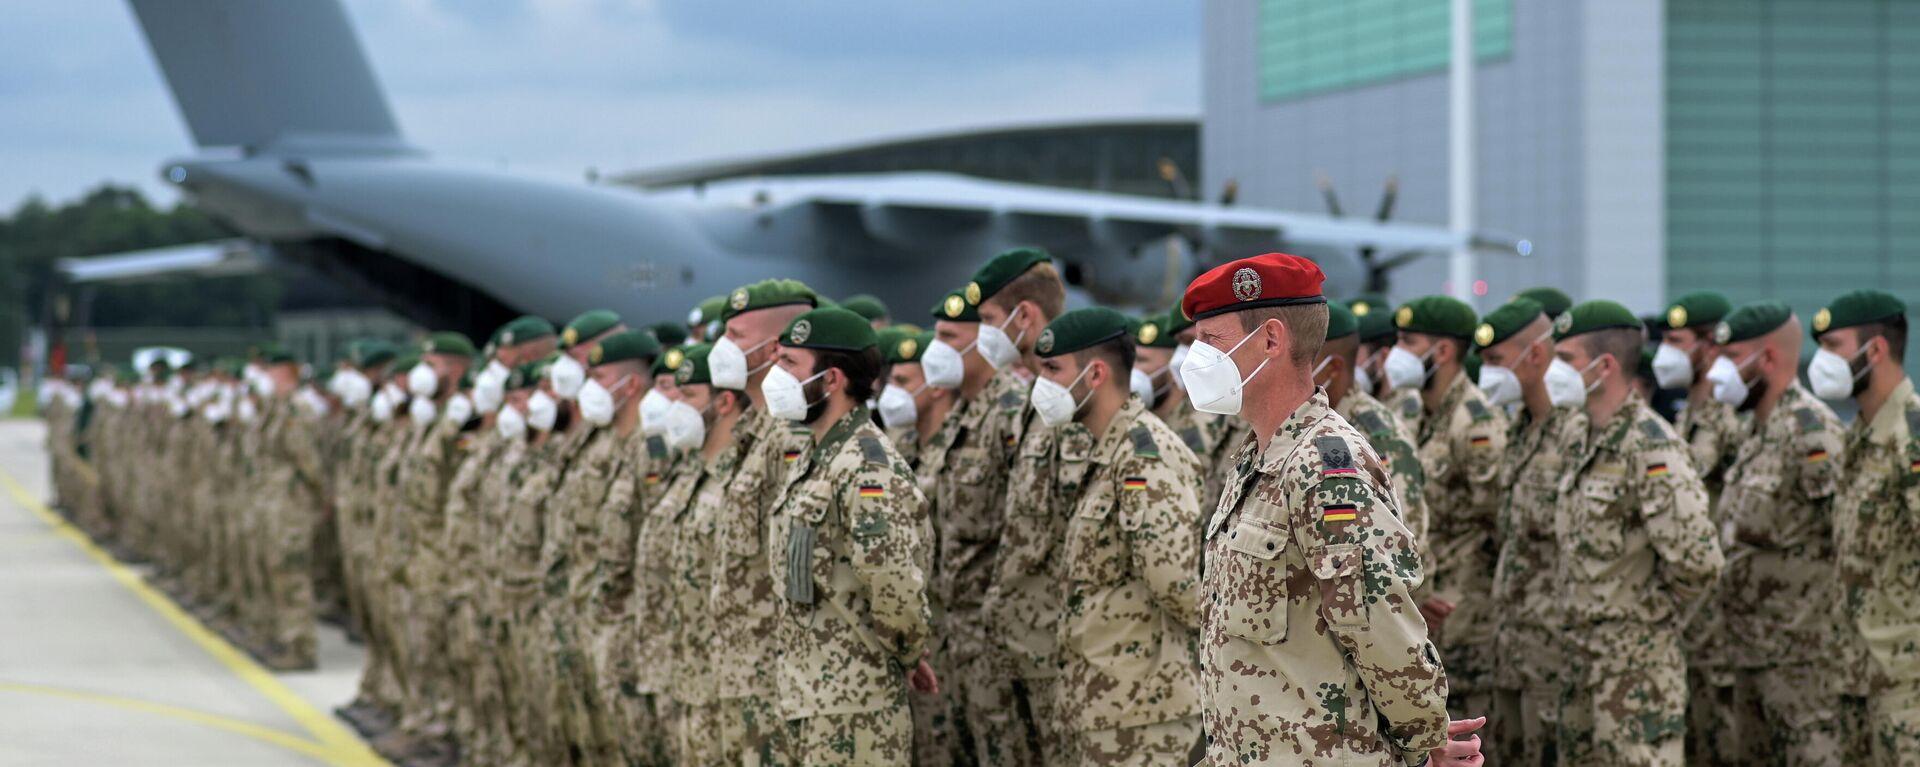 Deutsche Soldaten stellen sich nach ihrer Rückkehr aus Afghanistan auf dem Flugplatz in Wunstorf, Deutschland, 30. Juni 2021 zum letzten Appell vor einem Airbus A400M-Frachtflugzeug der Bundeswehr der Bundeswehr auf. - SNA, 1920, 14.07.2021